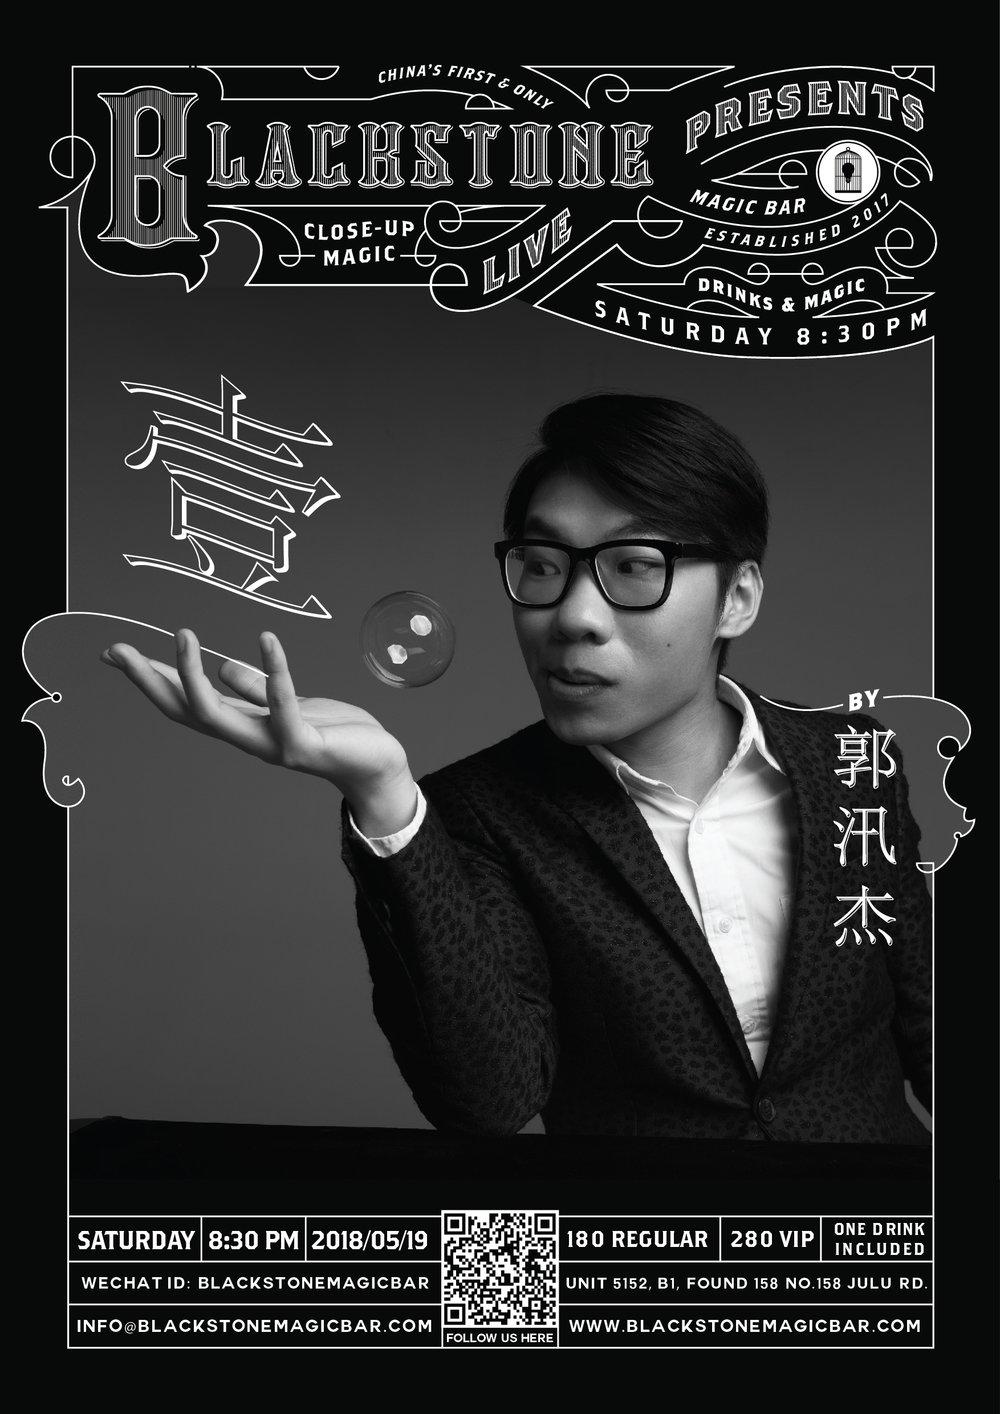 BLACKSTONE LIVE - 超凡魔术师 郭汛杰《壹》